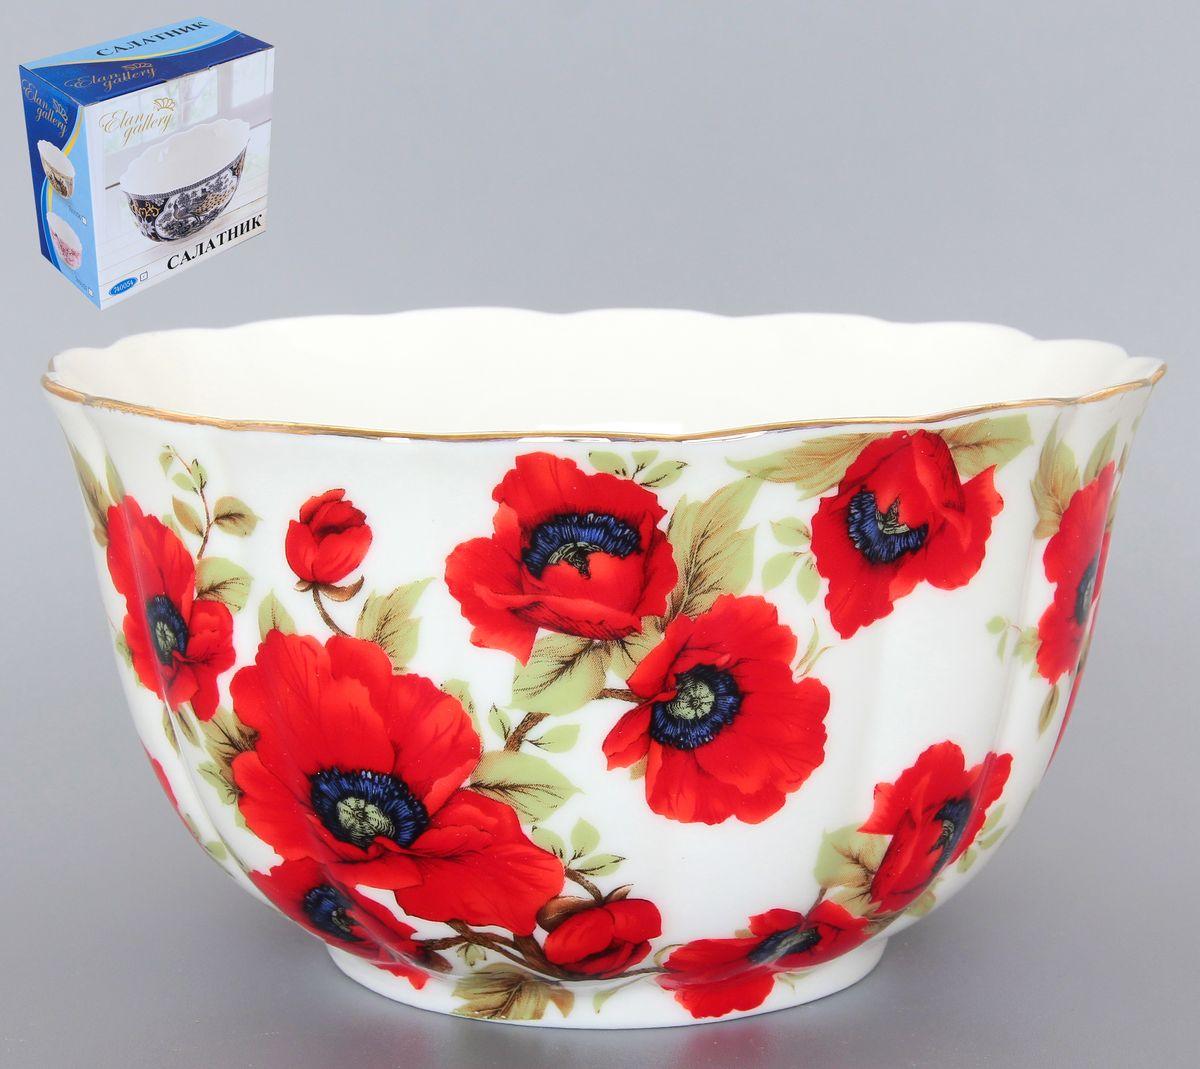 Салатник Elan Gallery Маки, 850 мл54 009303Великолепный салатник с волнистым краем Elan Gallery Маки, изготовленный из высококачественной керамики, прекрасно подойдет для подачи различных блюд: закусок, салатов или фруктов.Такой салатник украсит ваш праздничный или обеденный стол, а оригинальное исполнение понравится любой хозяйке.Диаметр салатника (по верхнему краю): 16 см. Высота салатника: 10 см. Объем салатника: 850 мл.